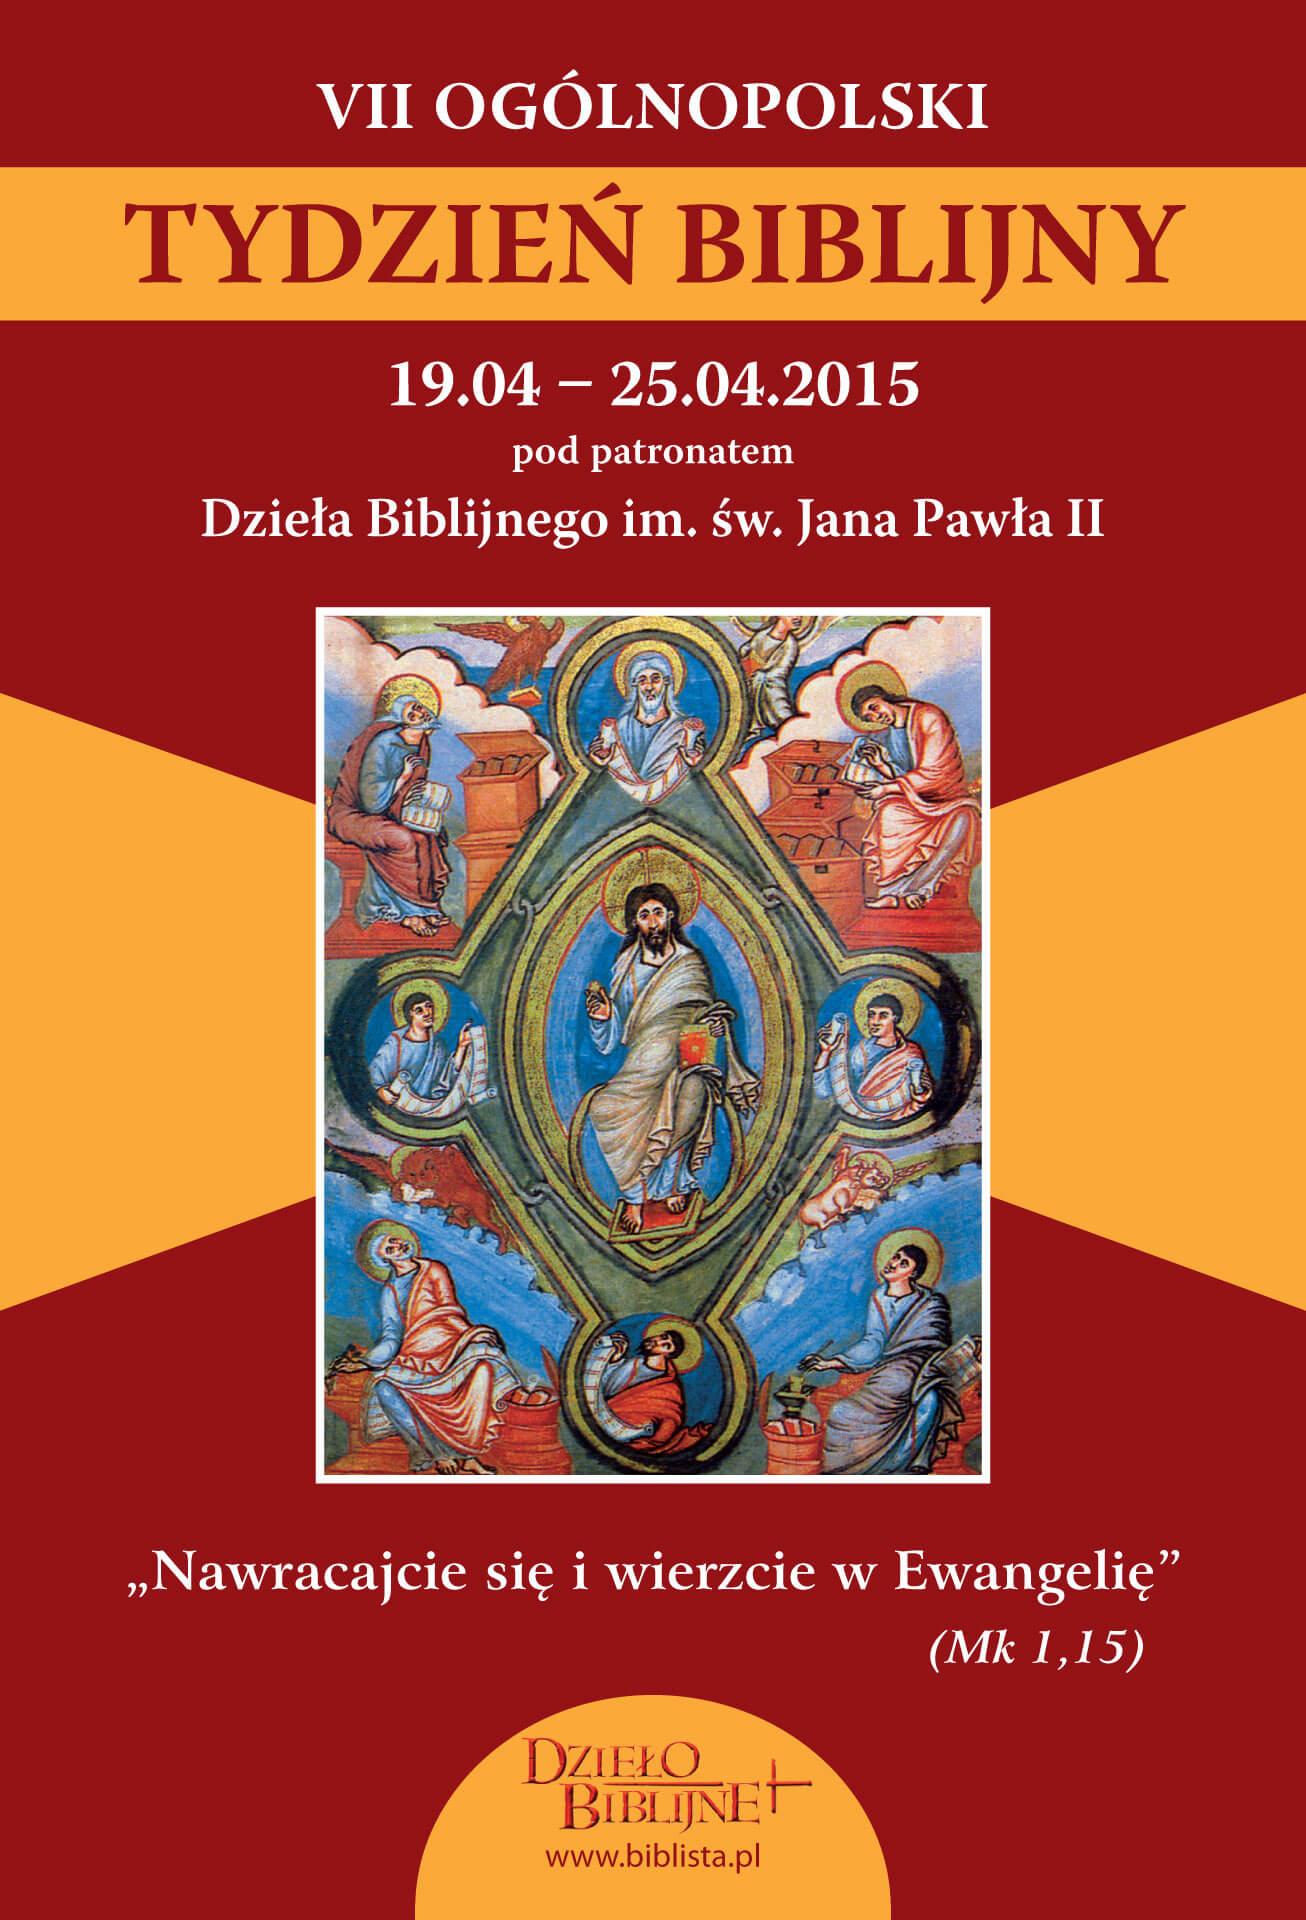 VII Ogólnopolski Tydzień Biblijny - plakat